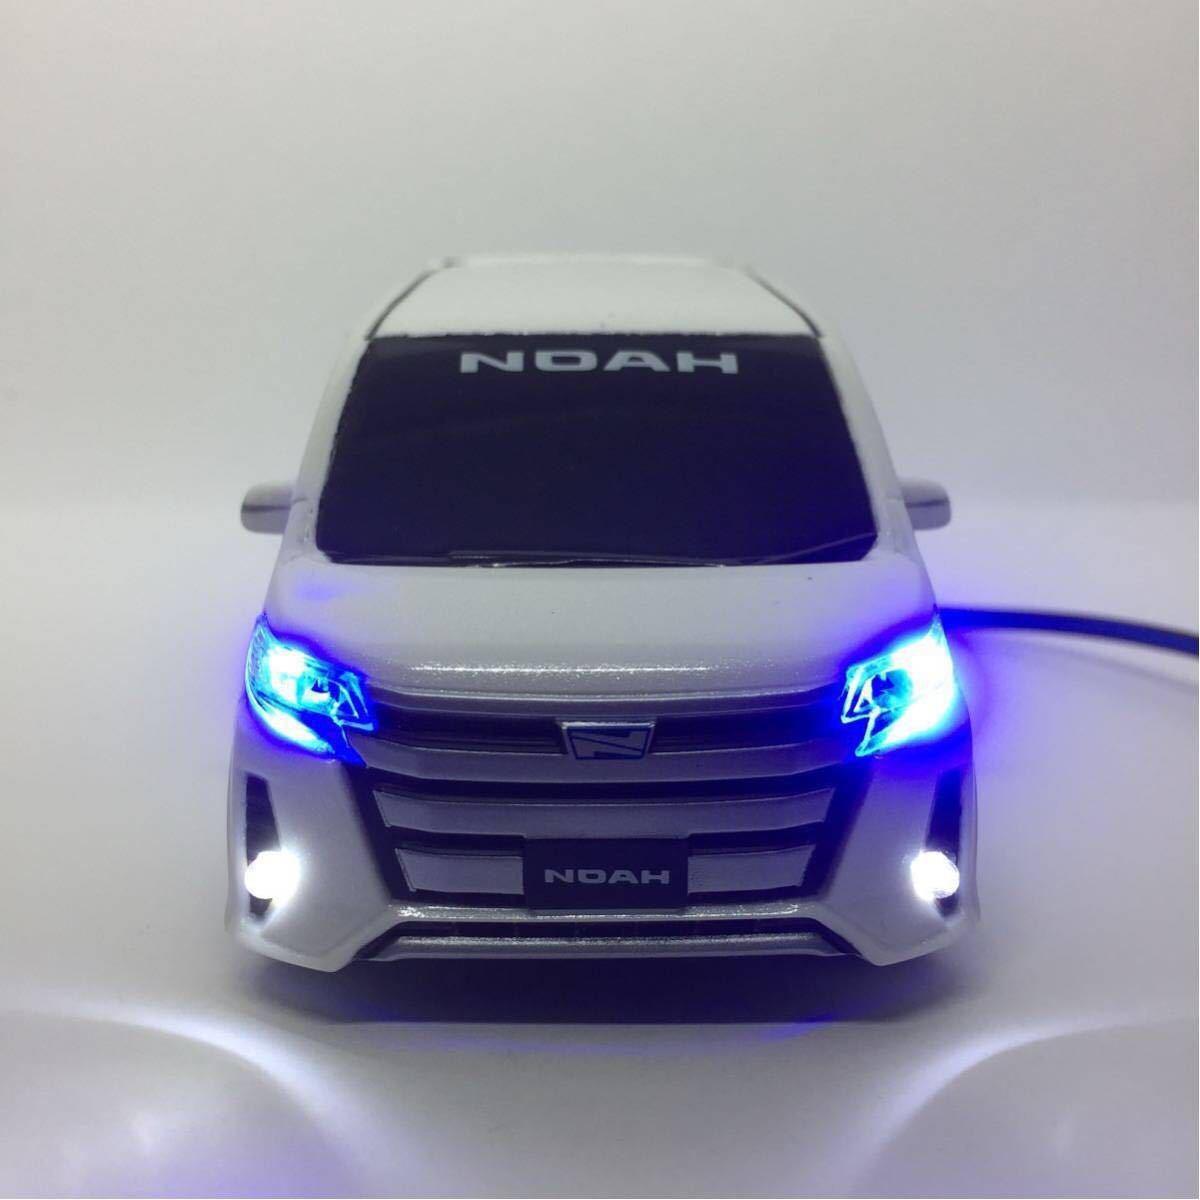 80系 ノア ハイブリッド ホワイト LED セキュリティ スキャナー プルバックカー ミニカー カラーサンプル_画像3